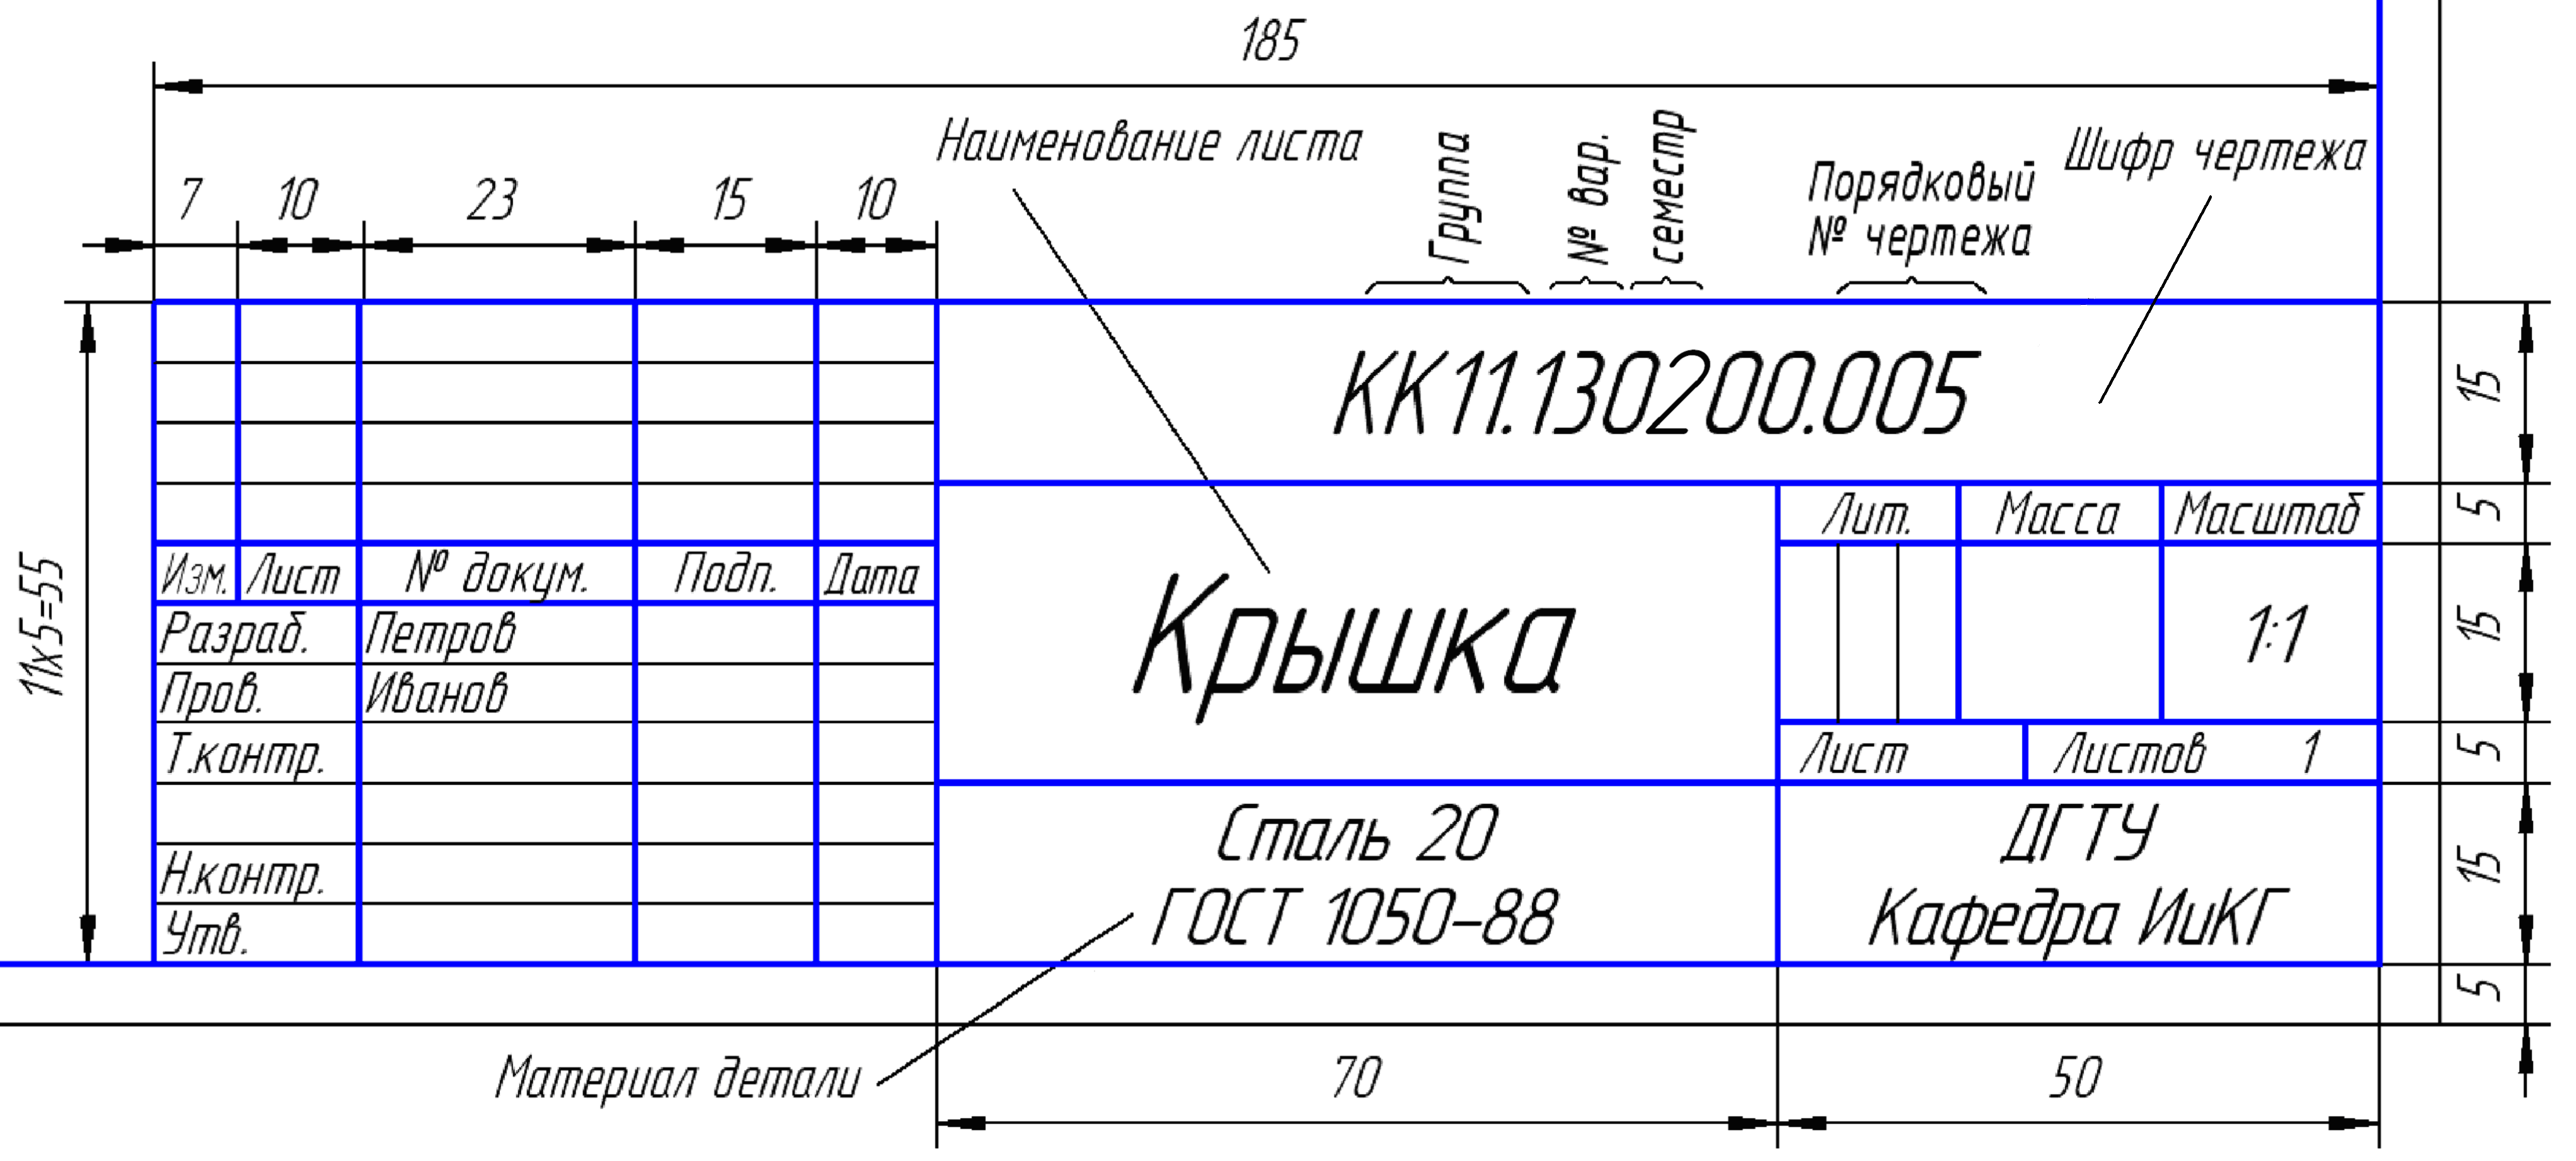 Пример оформления основной надписи